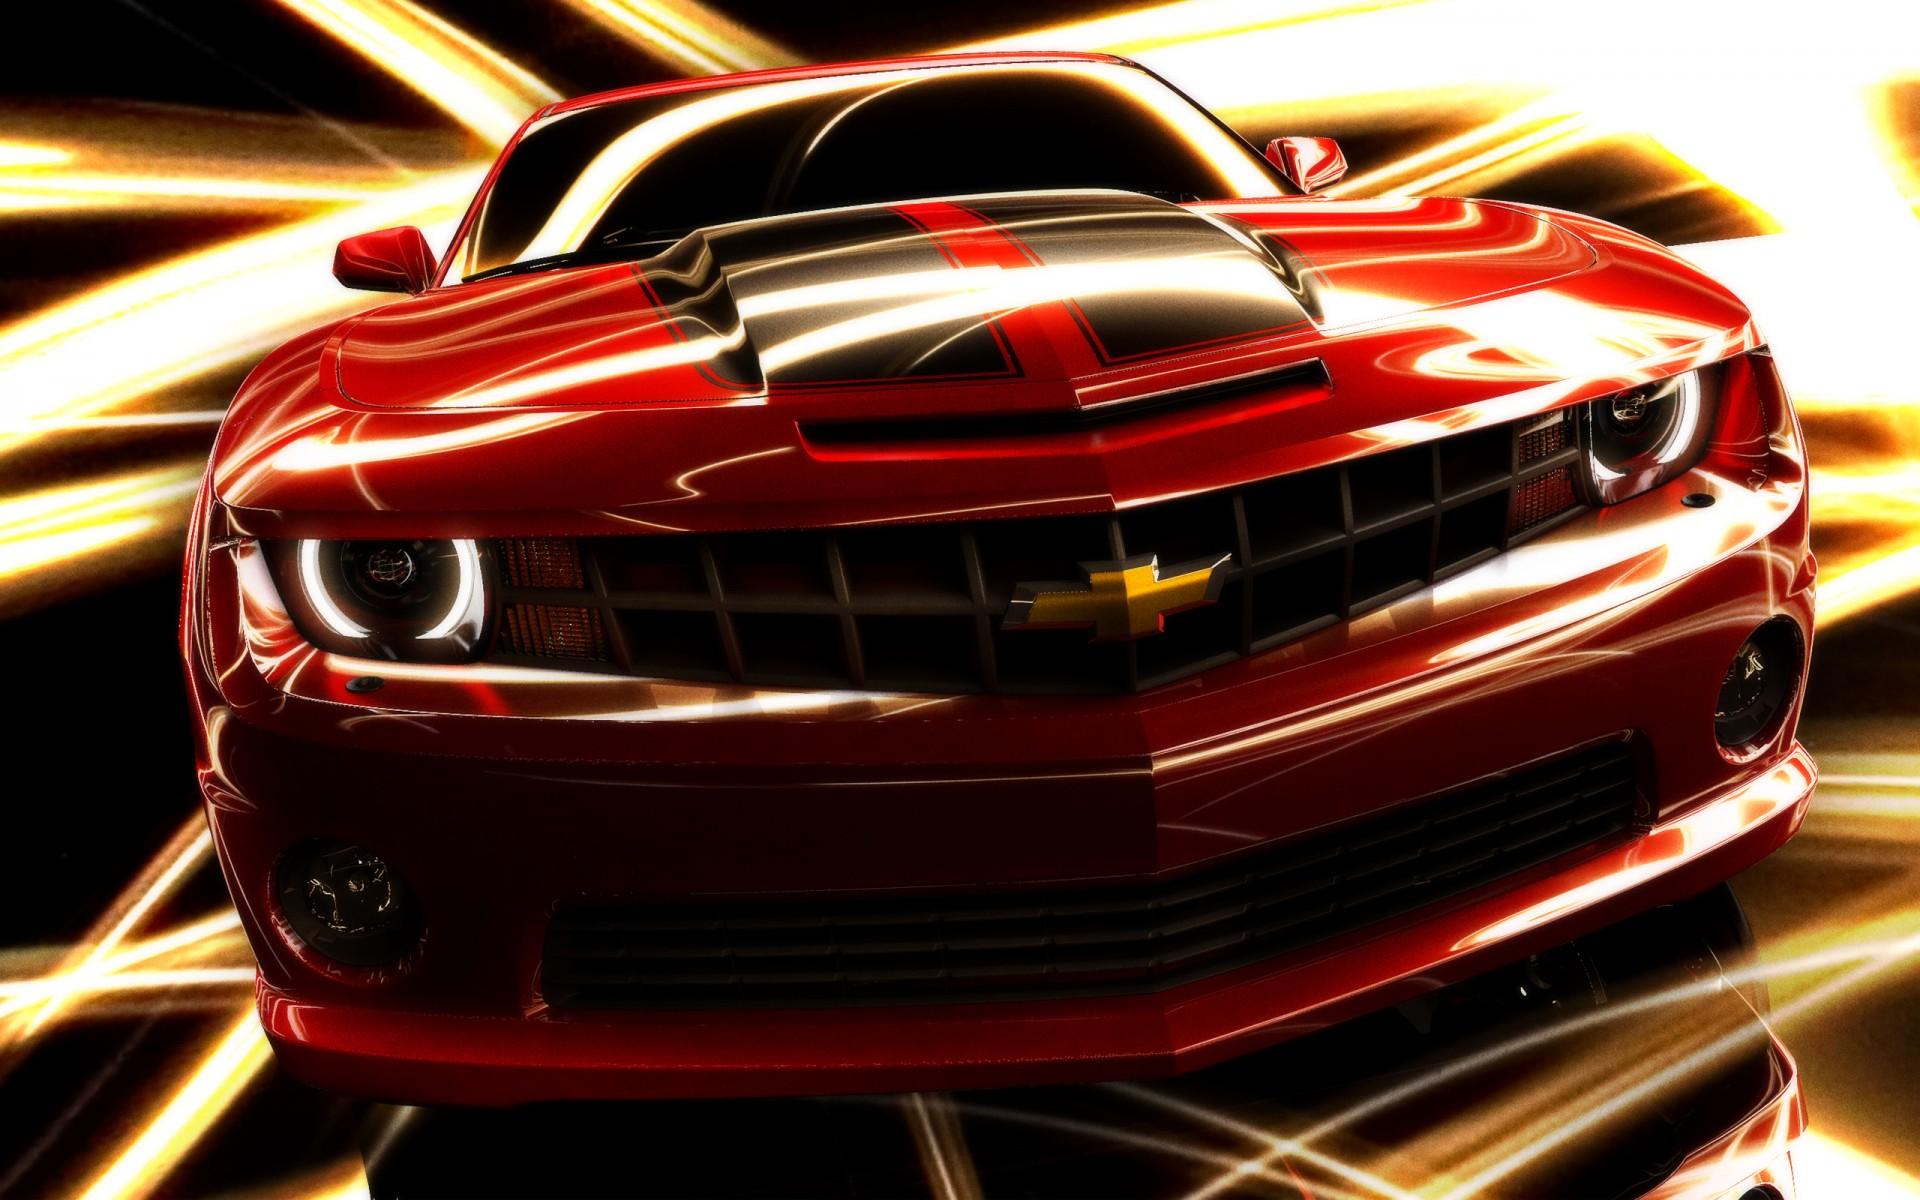 GM Camaro Wallpaper | HD Car Wallpapers | ID #3142